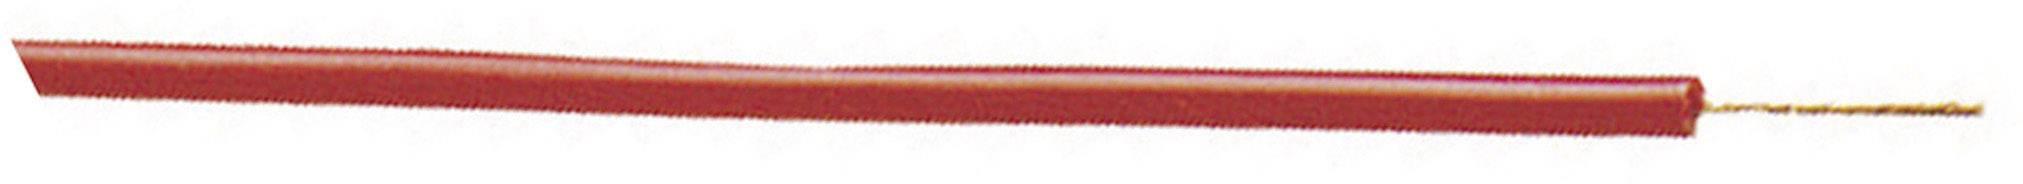 Opletenie / lanko Stäubli 61.7552-00122 SILI-E, 1 x 0.50 mm², vonkajší Ø 2.30 mm, metrový tovar, červená